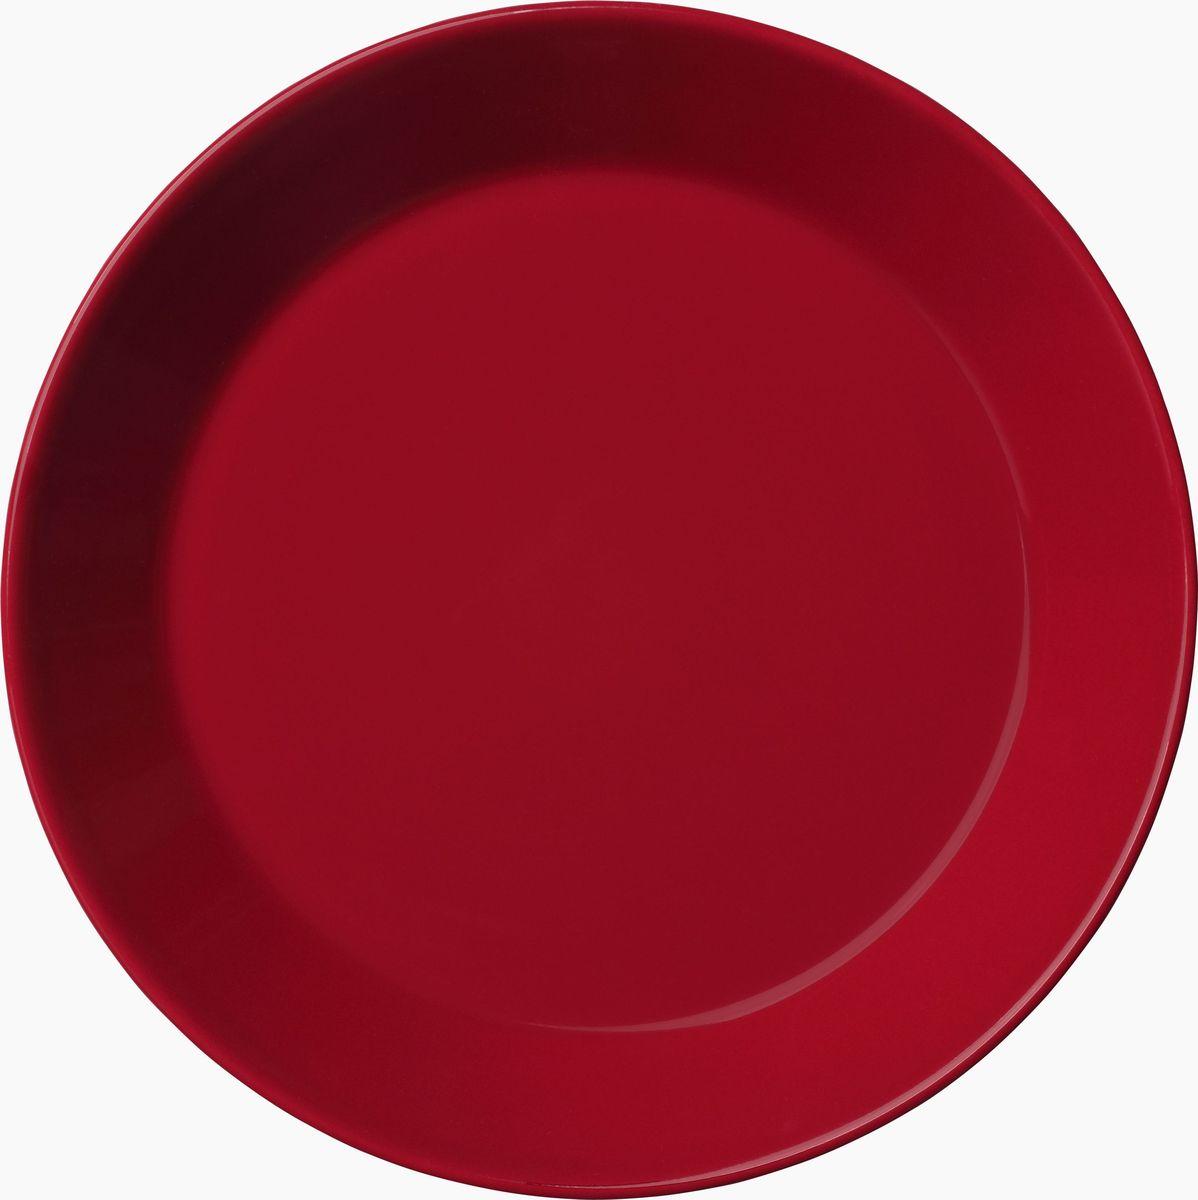 Teema - это классика дизайна Iittala, каждый продукт имеет чёткие геометрические формы: круг, квадрат и прямоугольник. Как говорит Кай Франк: «Цвет является единственным украшением». Посуда серии Teema является универсальной, её можно комбинировать с любой серией Iittala. Она практична и лаконична.